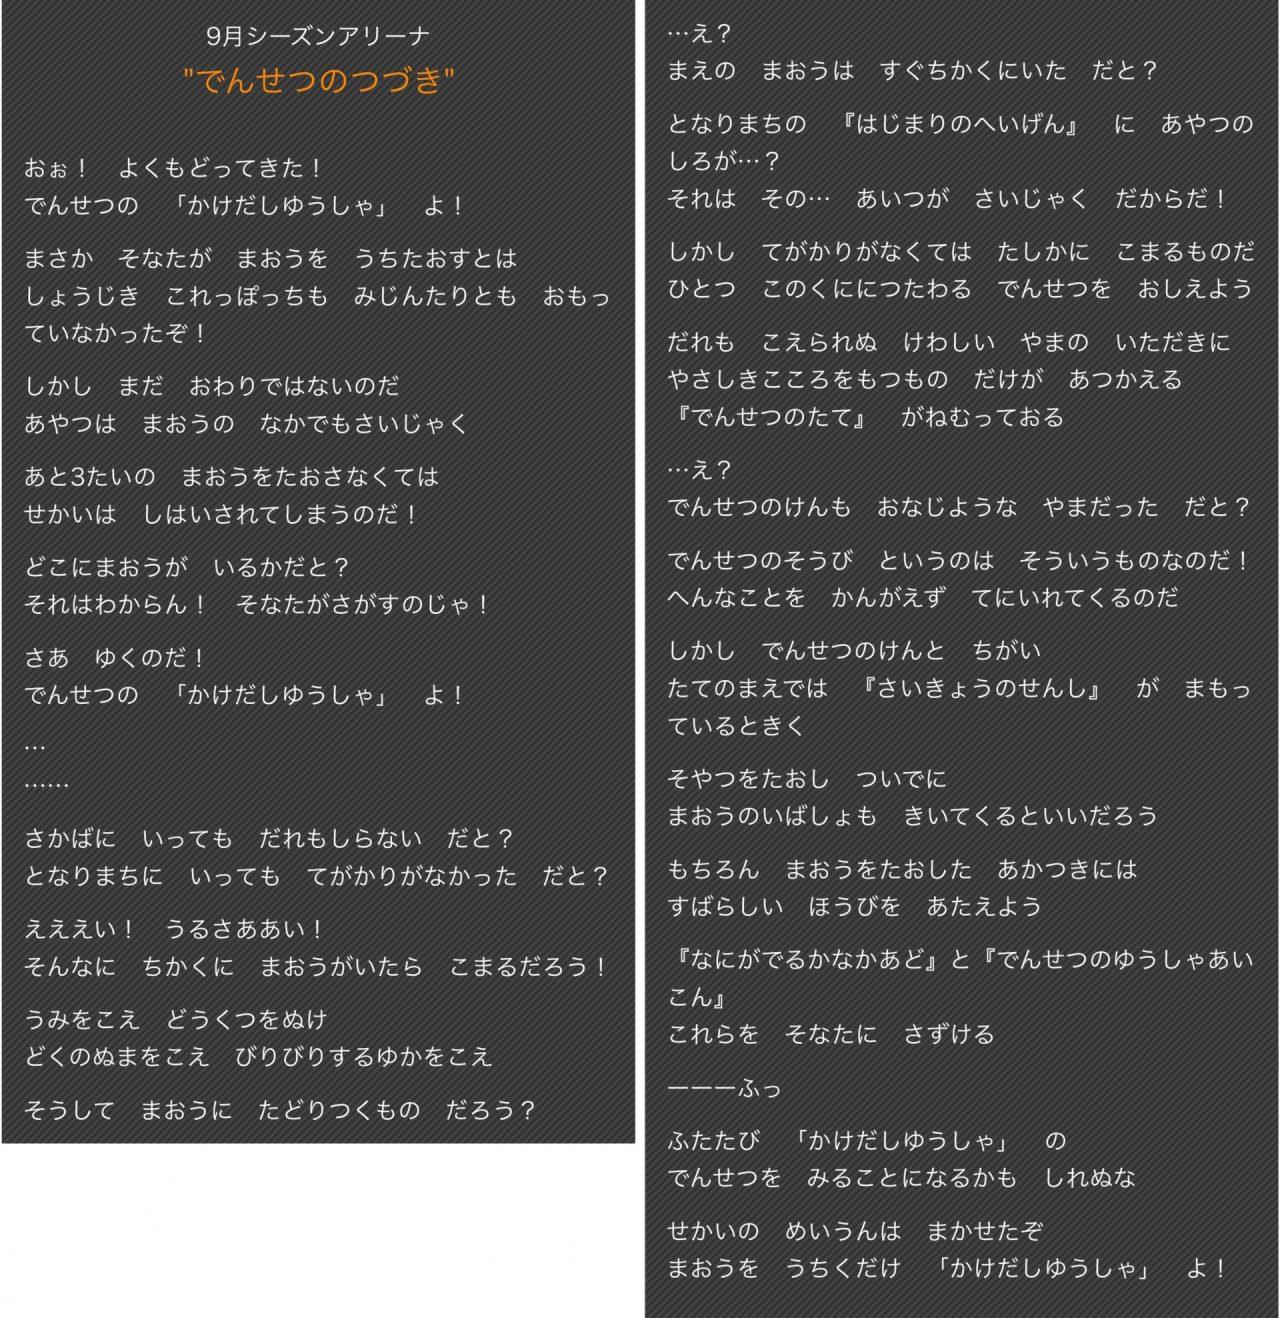 #コンパス【環境】: 9月シーズンを振り返り!「イグニス」初参戦&高火力ガンナーが大活躍!!